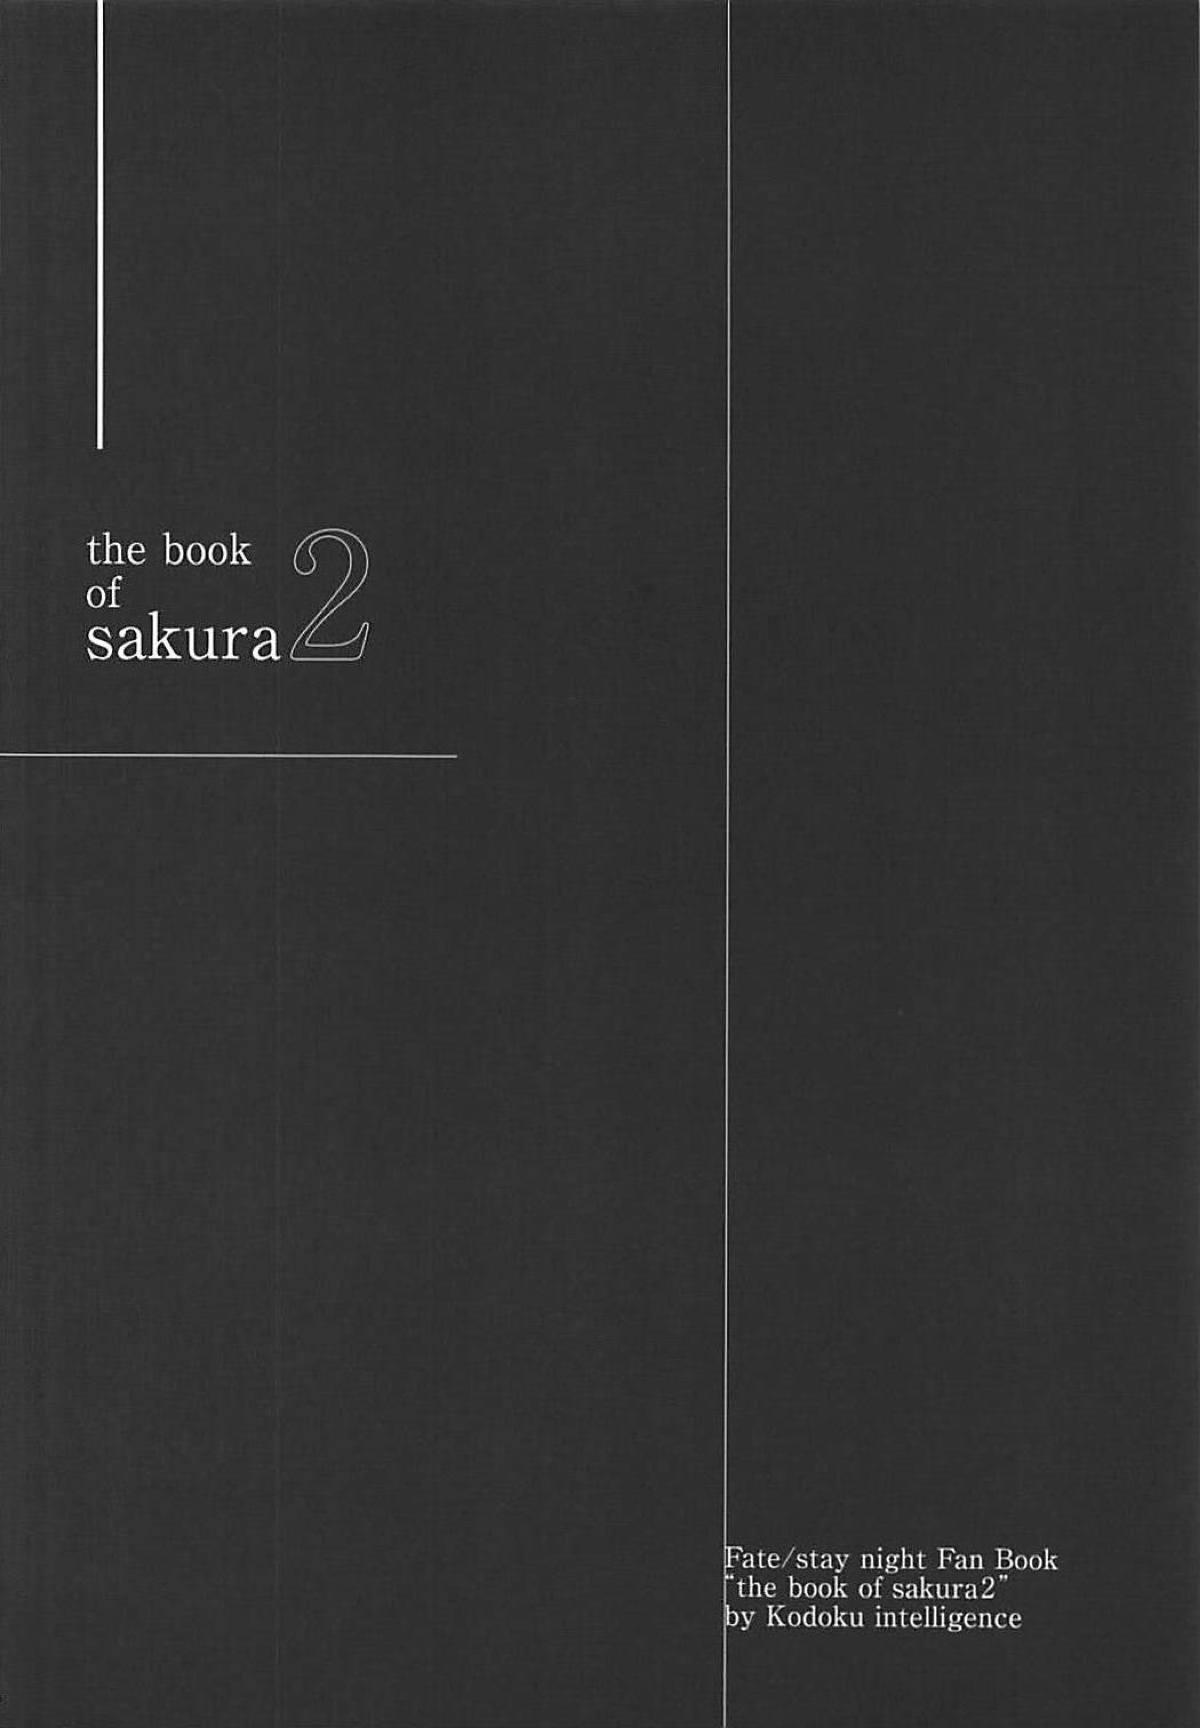 THE BOOK OF SAKURA 2 2